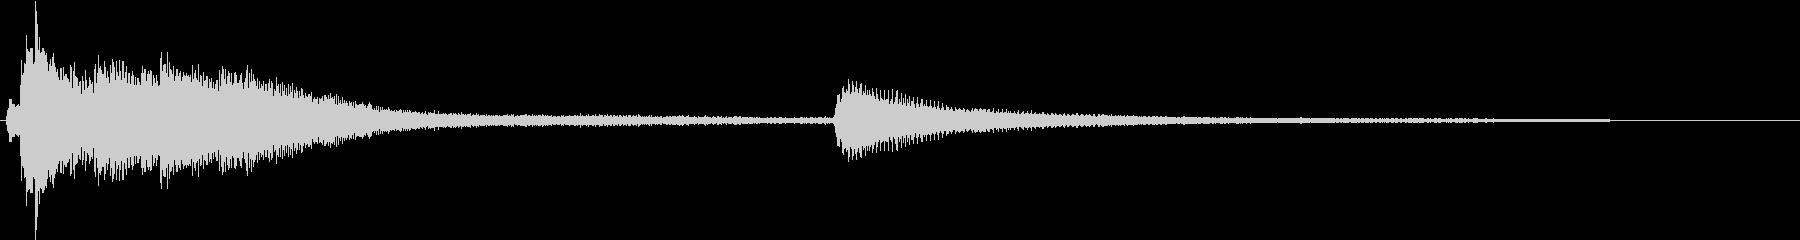 清潔ロゴピアノの未再生の波形